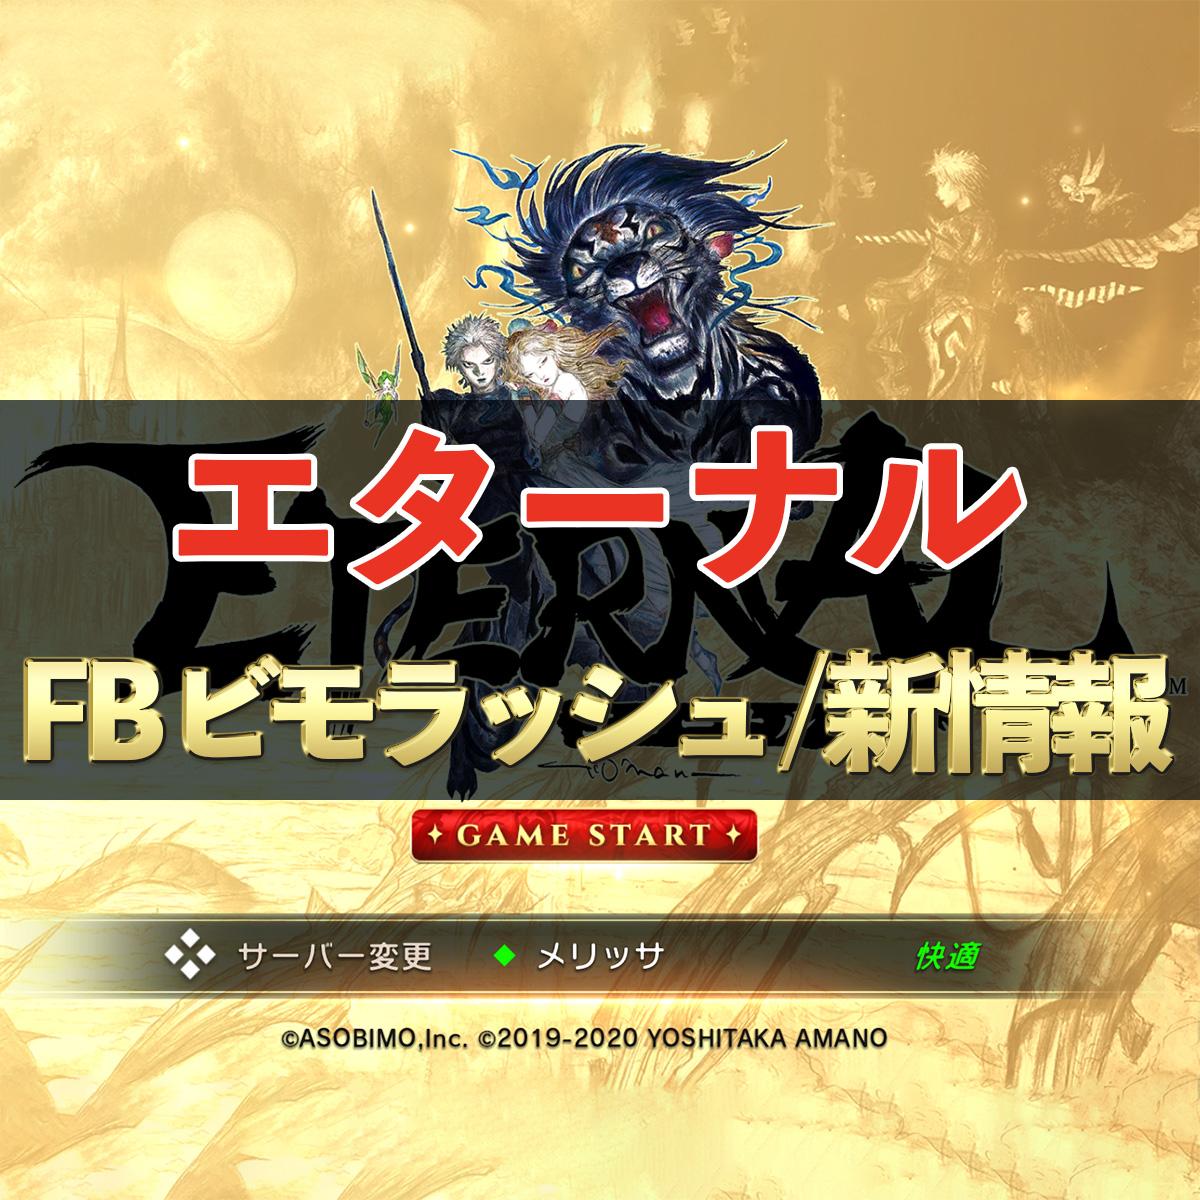 【エターナル】10/11 ビモチャンFBビモラッシュ&新情報!